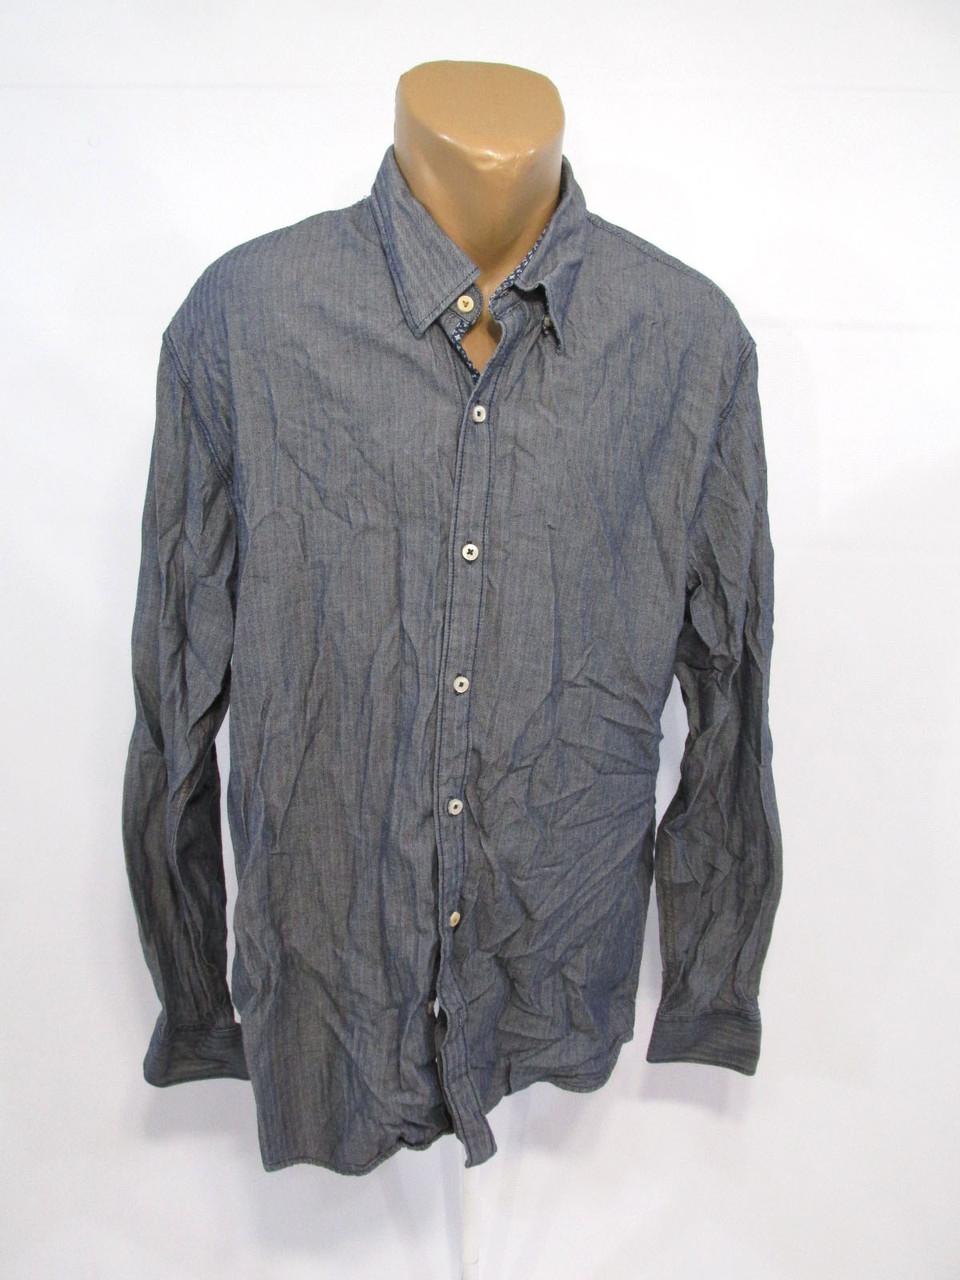 Рубашка Vanguard, XXXL, cotton, Качество! Серая, Как Новая!